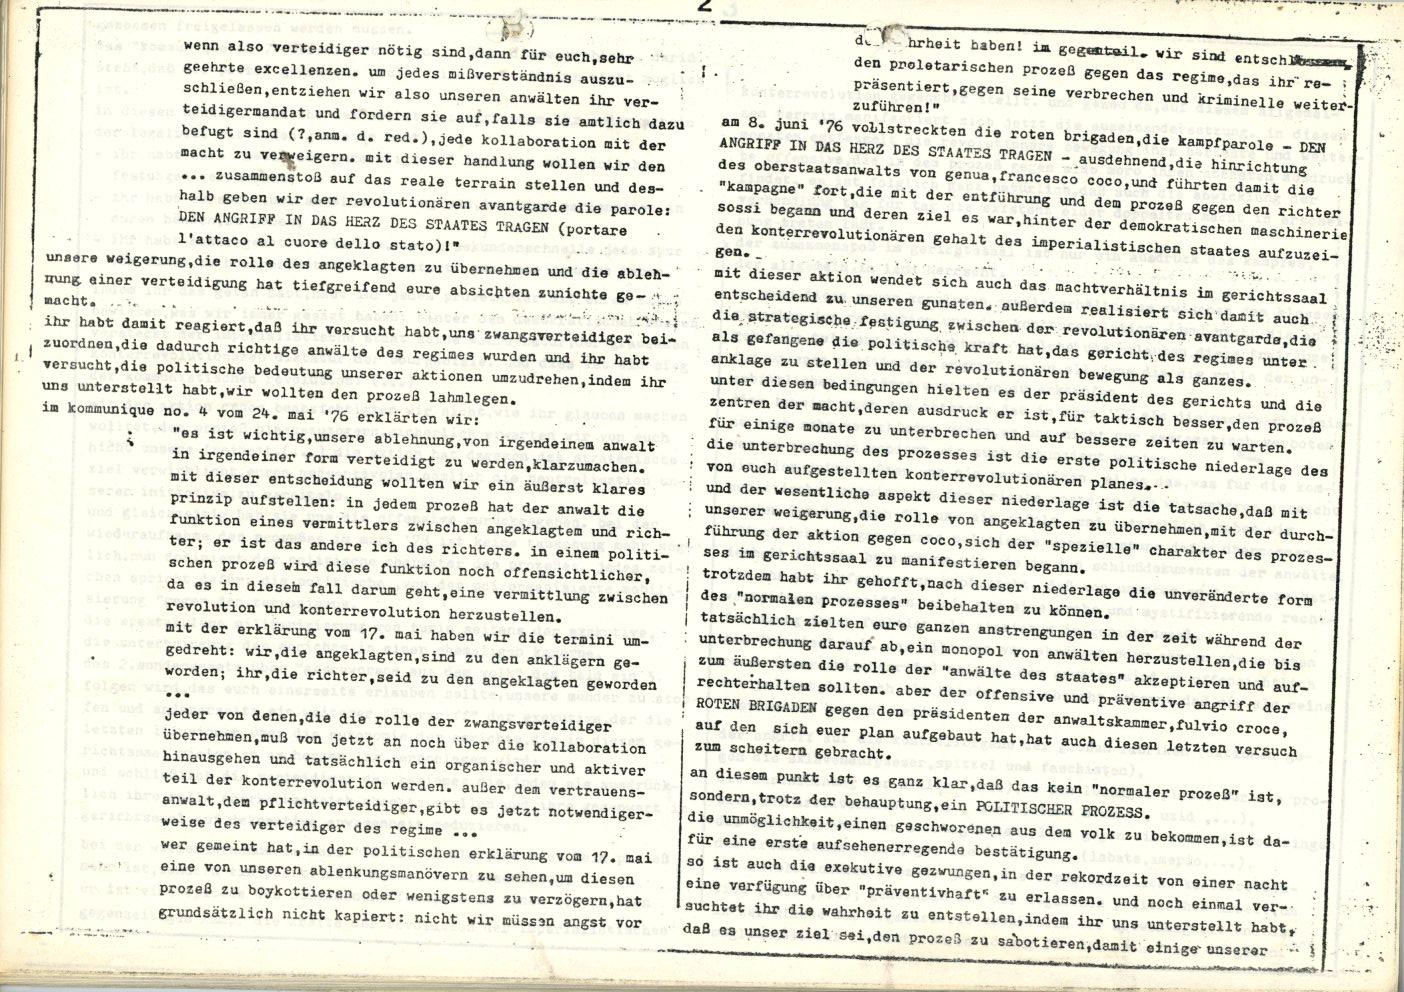 Italien_Brigate_Rosse_1982_Texte_1_17